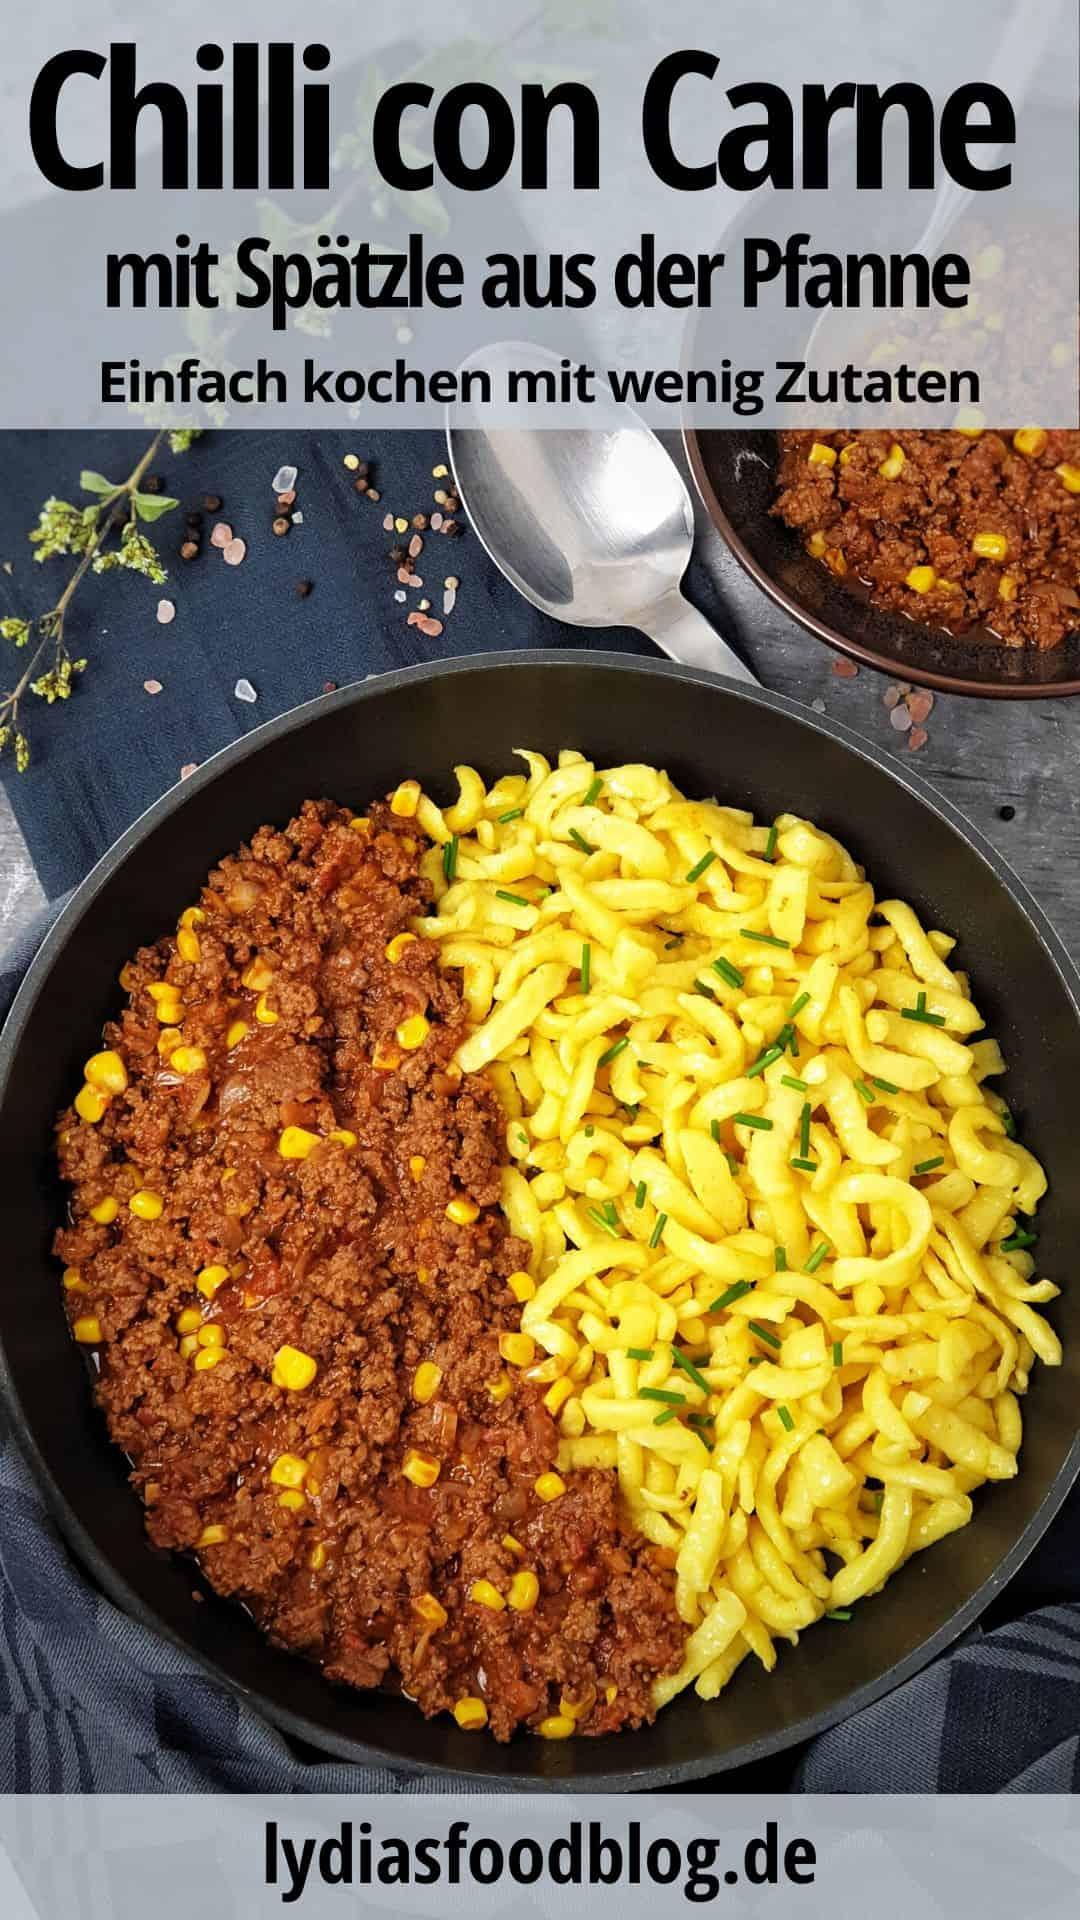 In einer Pfanne serviert Chili con Carne mit angebratenen Spätzle.